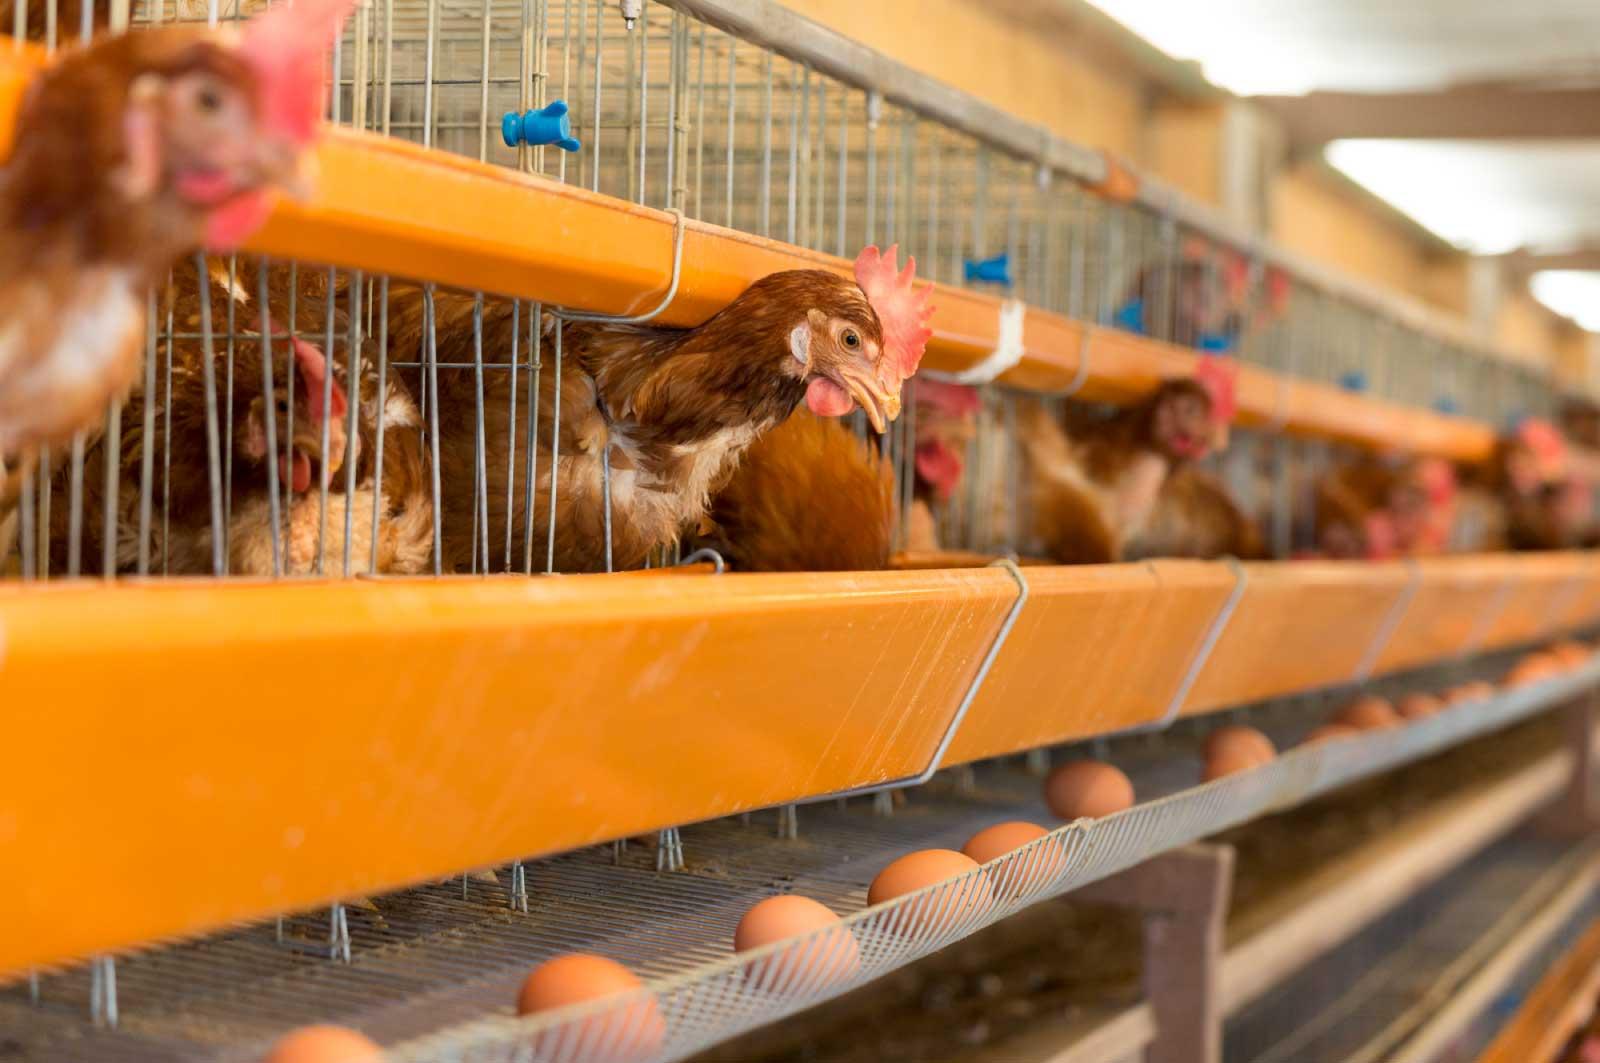 豊橋は鶏卵の産地としても有名な地